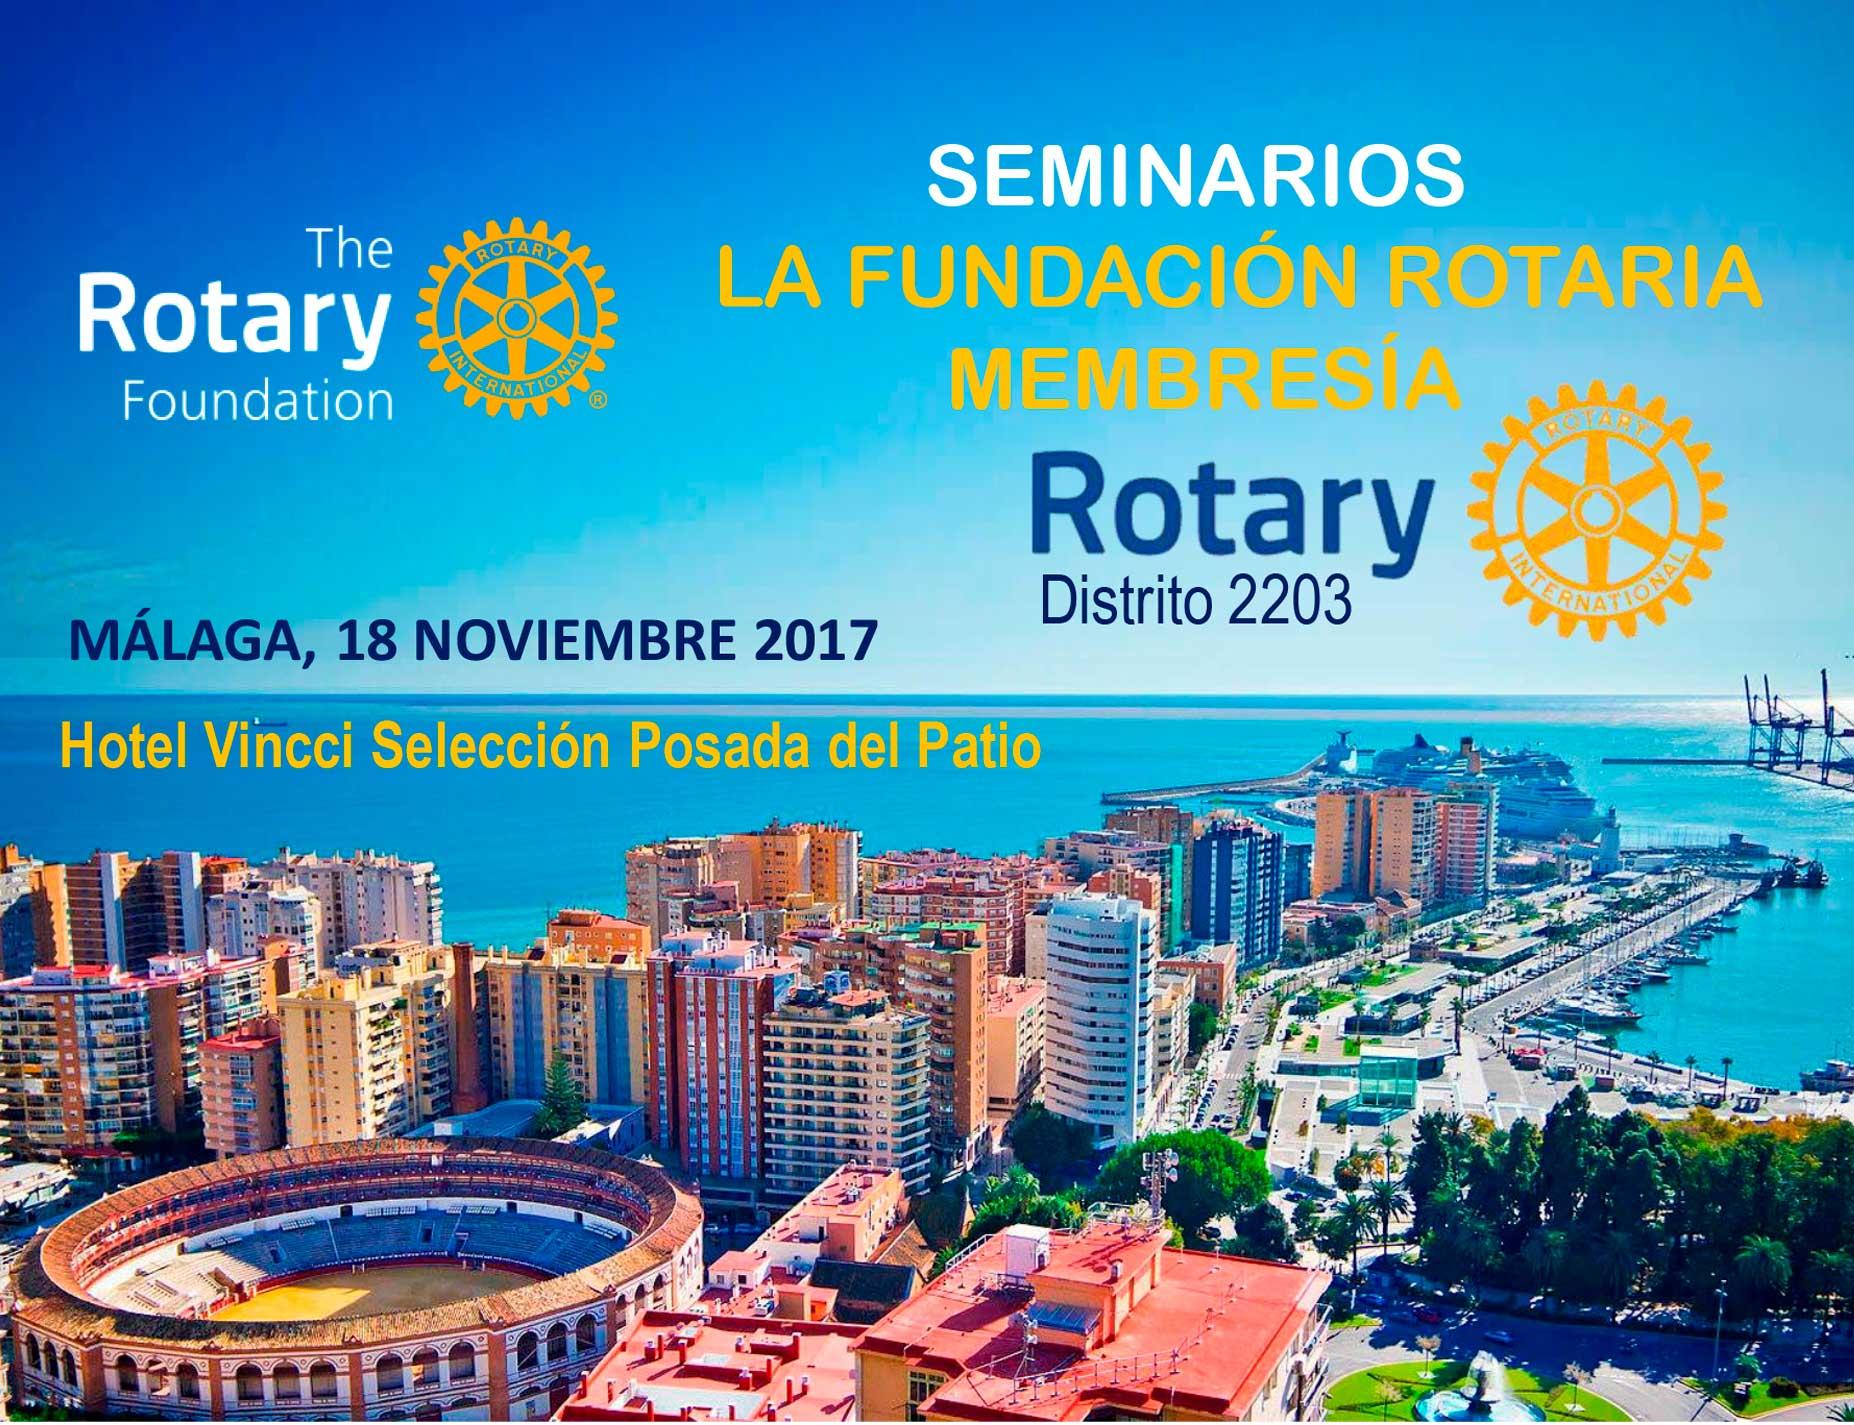 Seminario Málaga 18 Noviembre LFR y Membresía